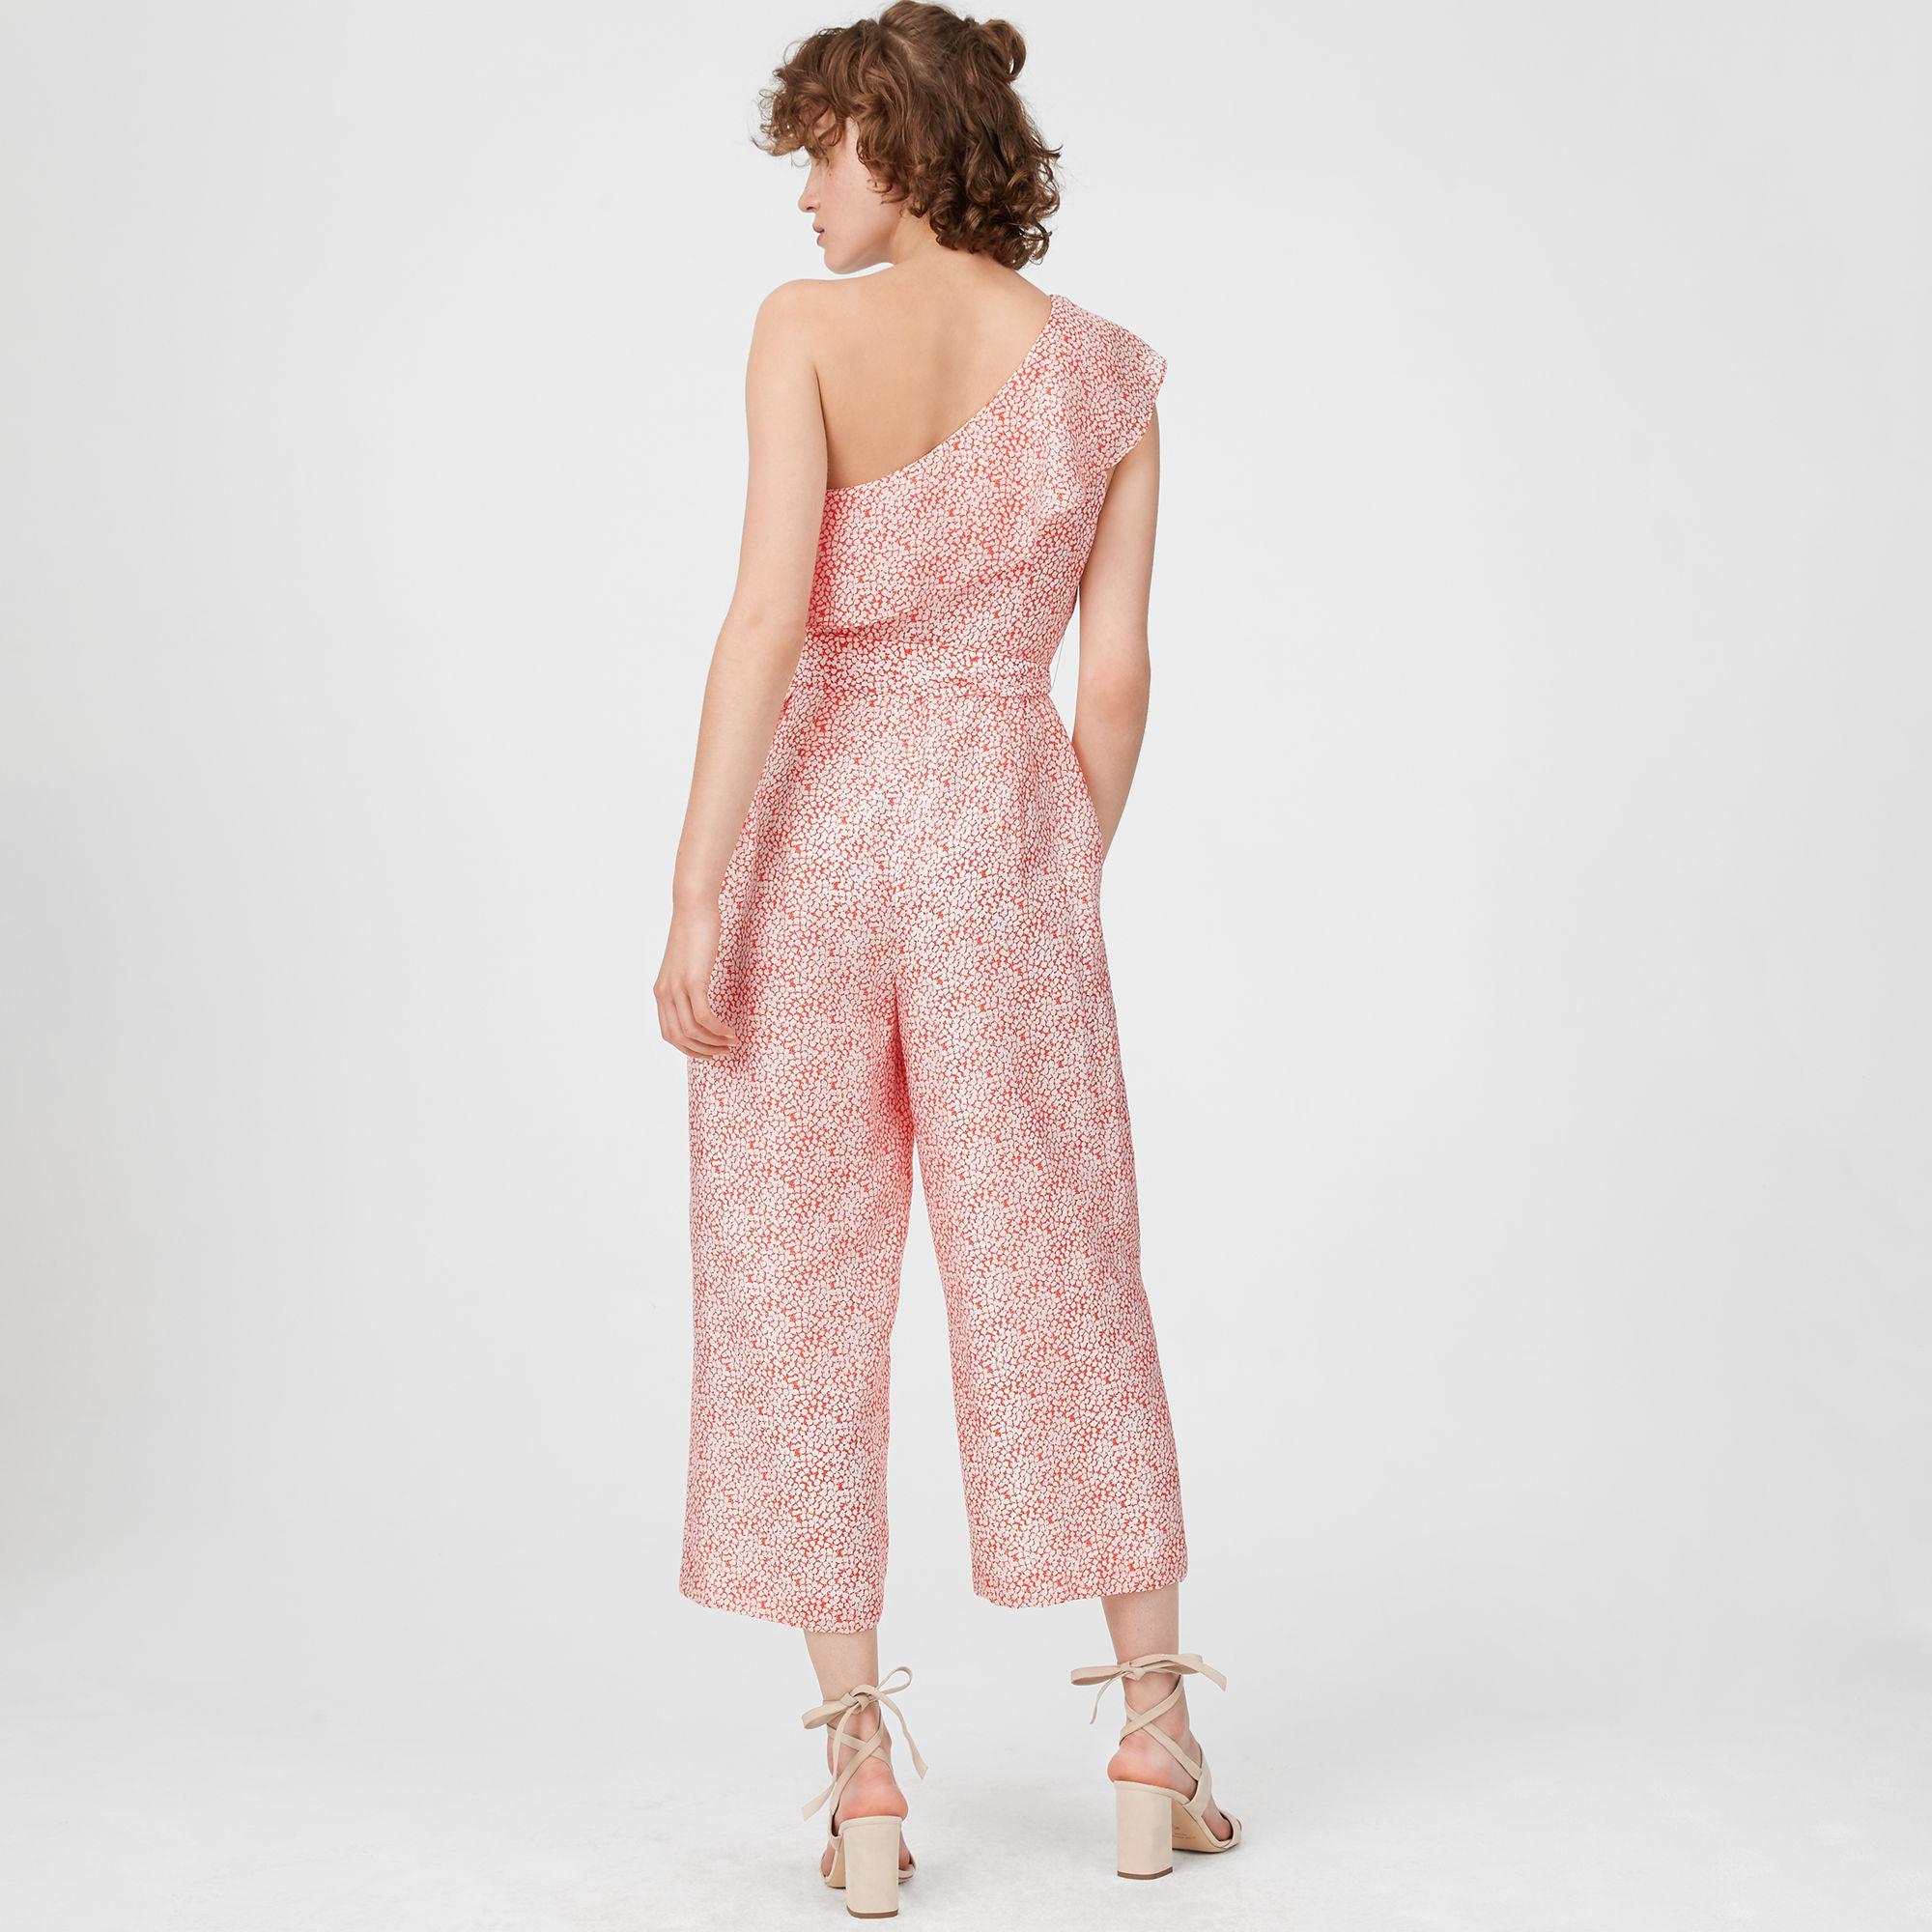 ed600fe07c7 Lyst - Club Monaco Lene Printed Jumpsuit in Pink